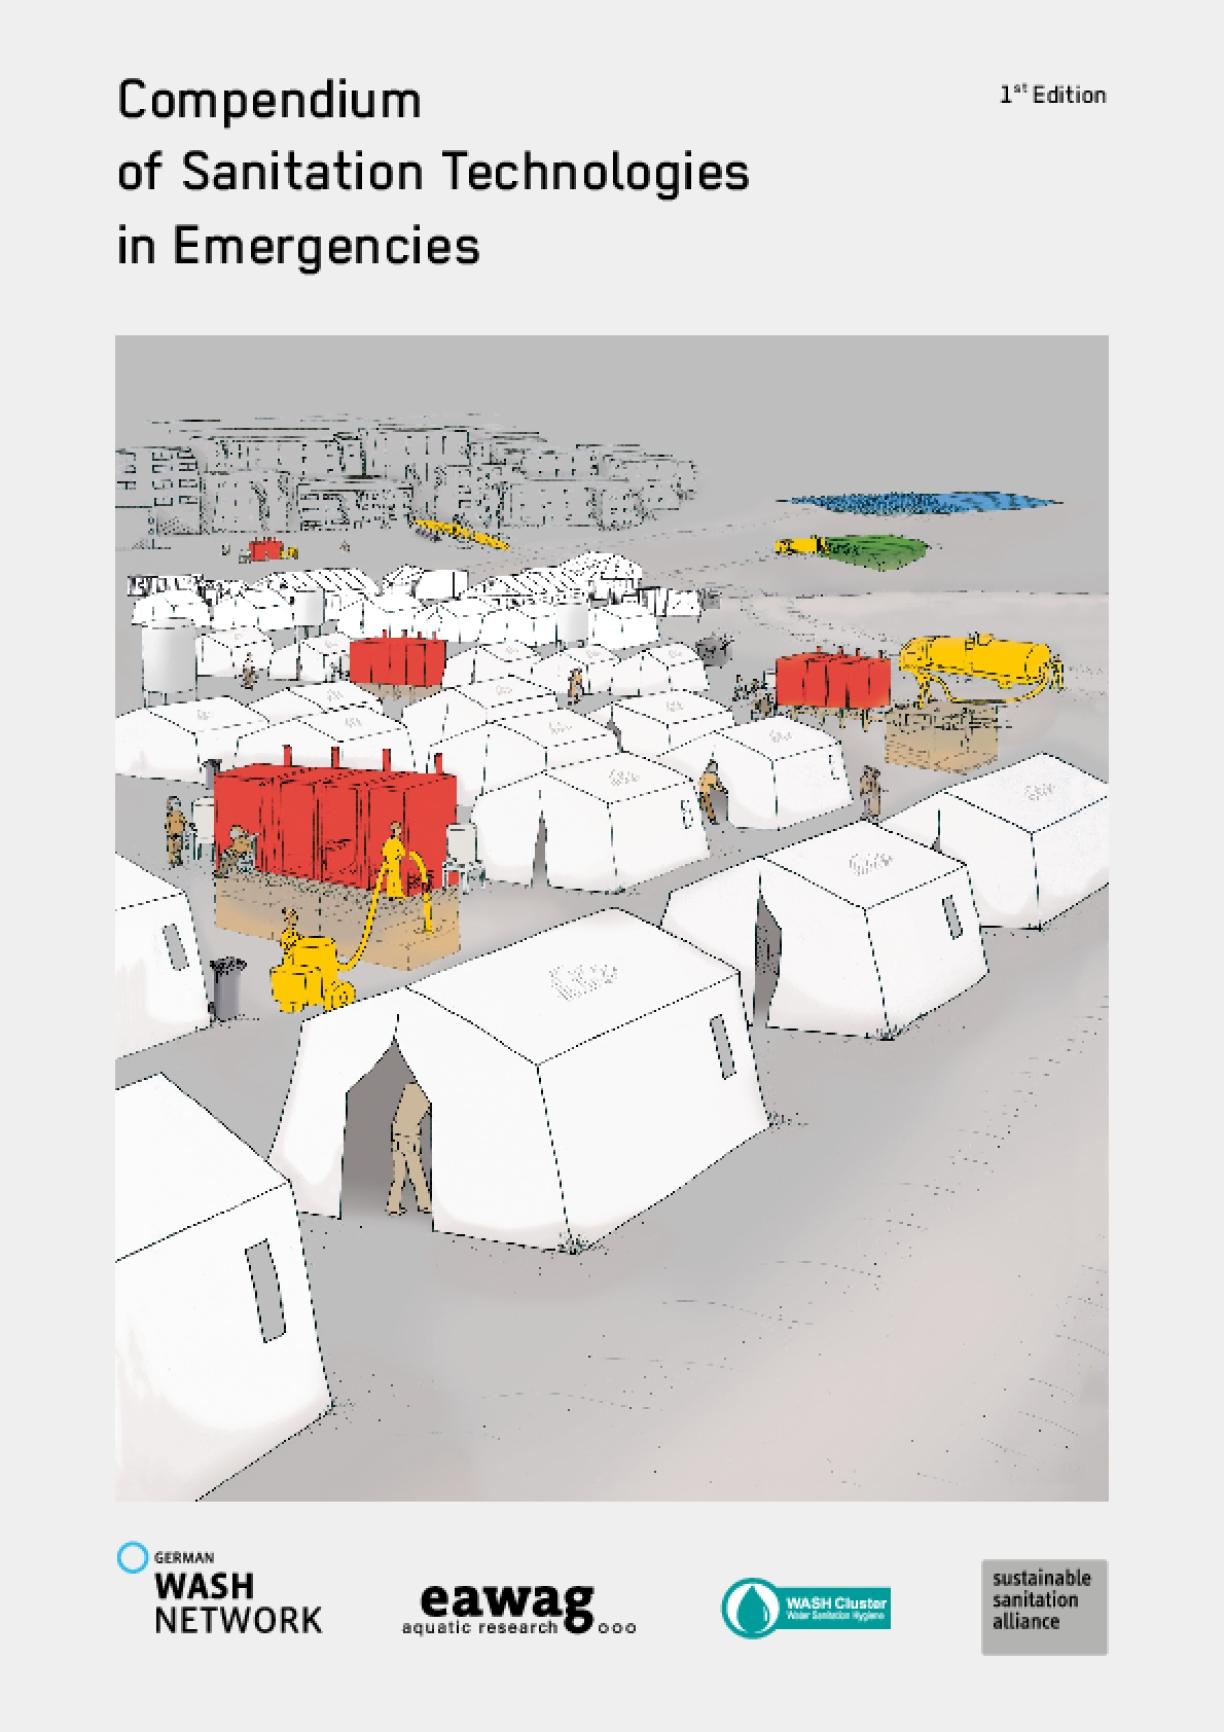 Compendium of Sanitation Technologies in Emergencies